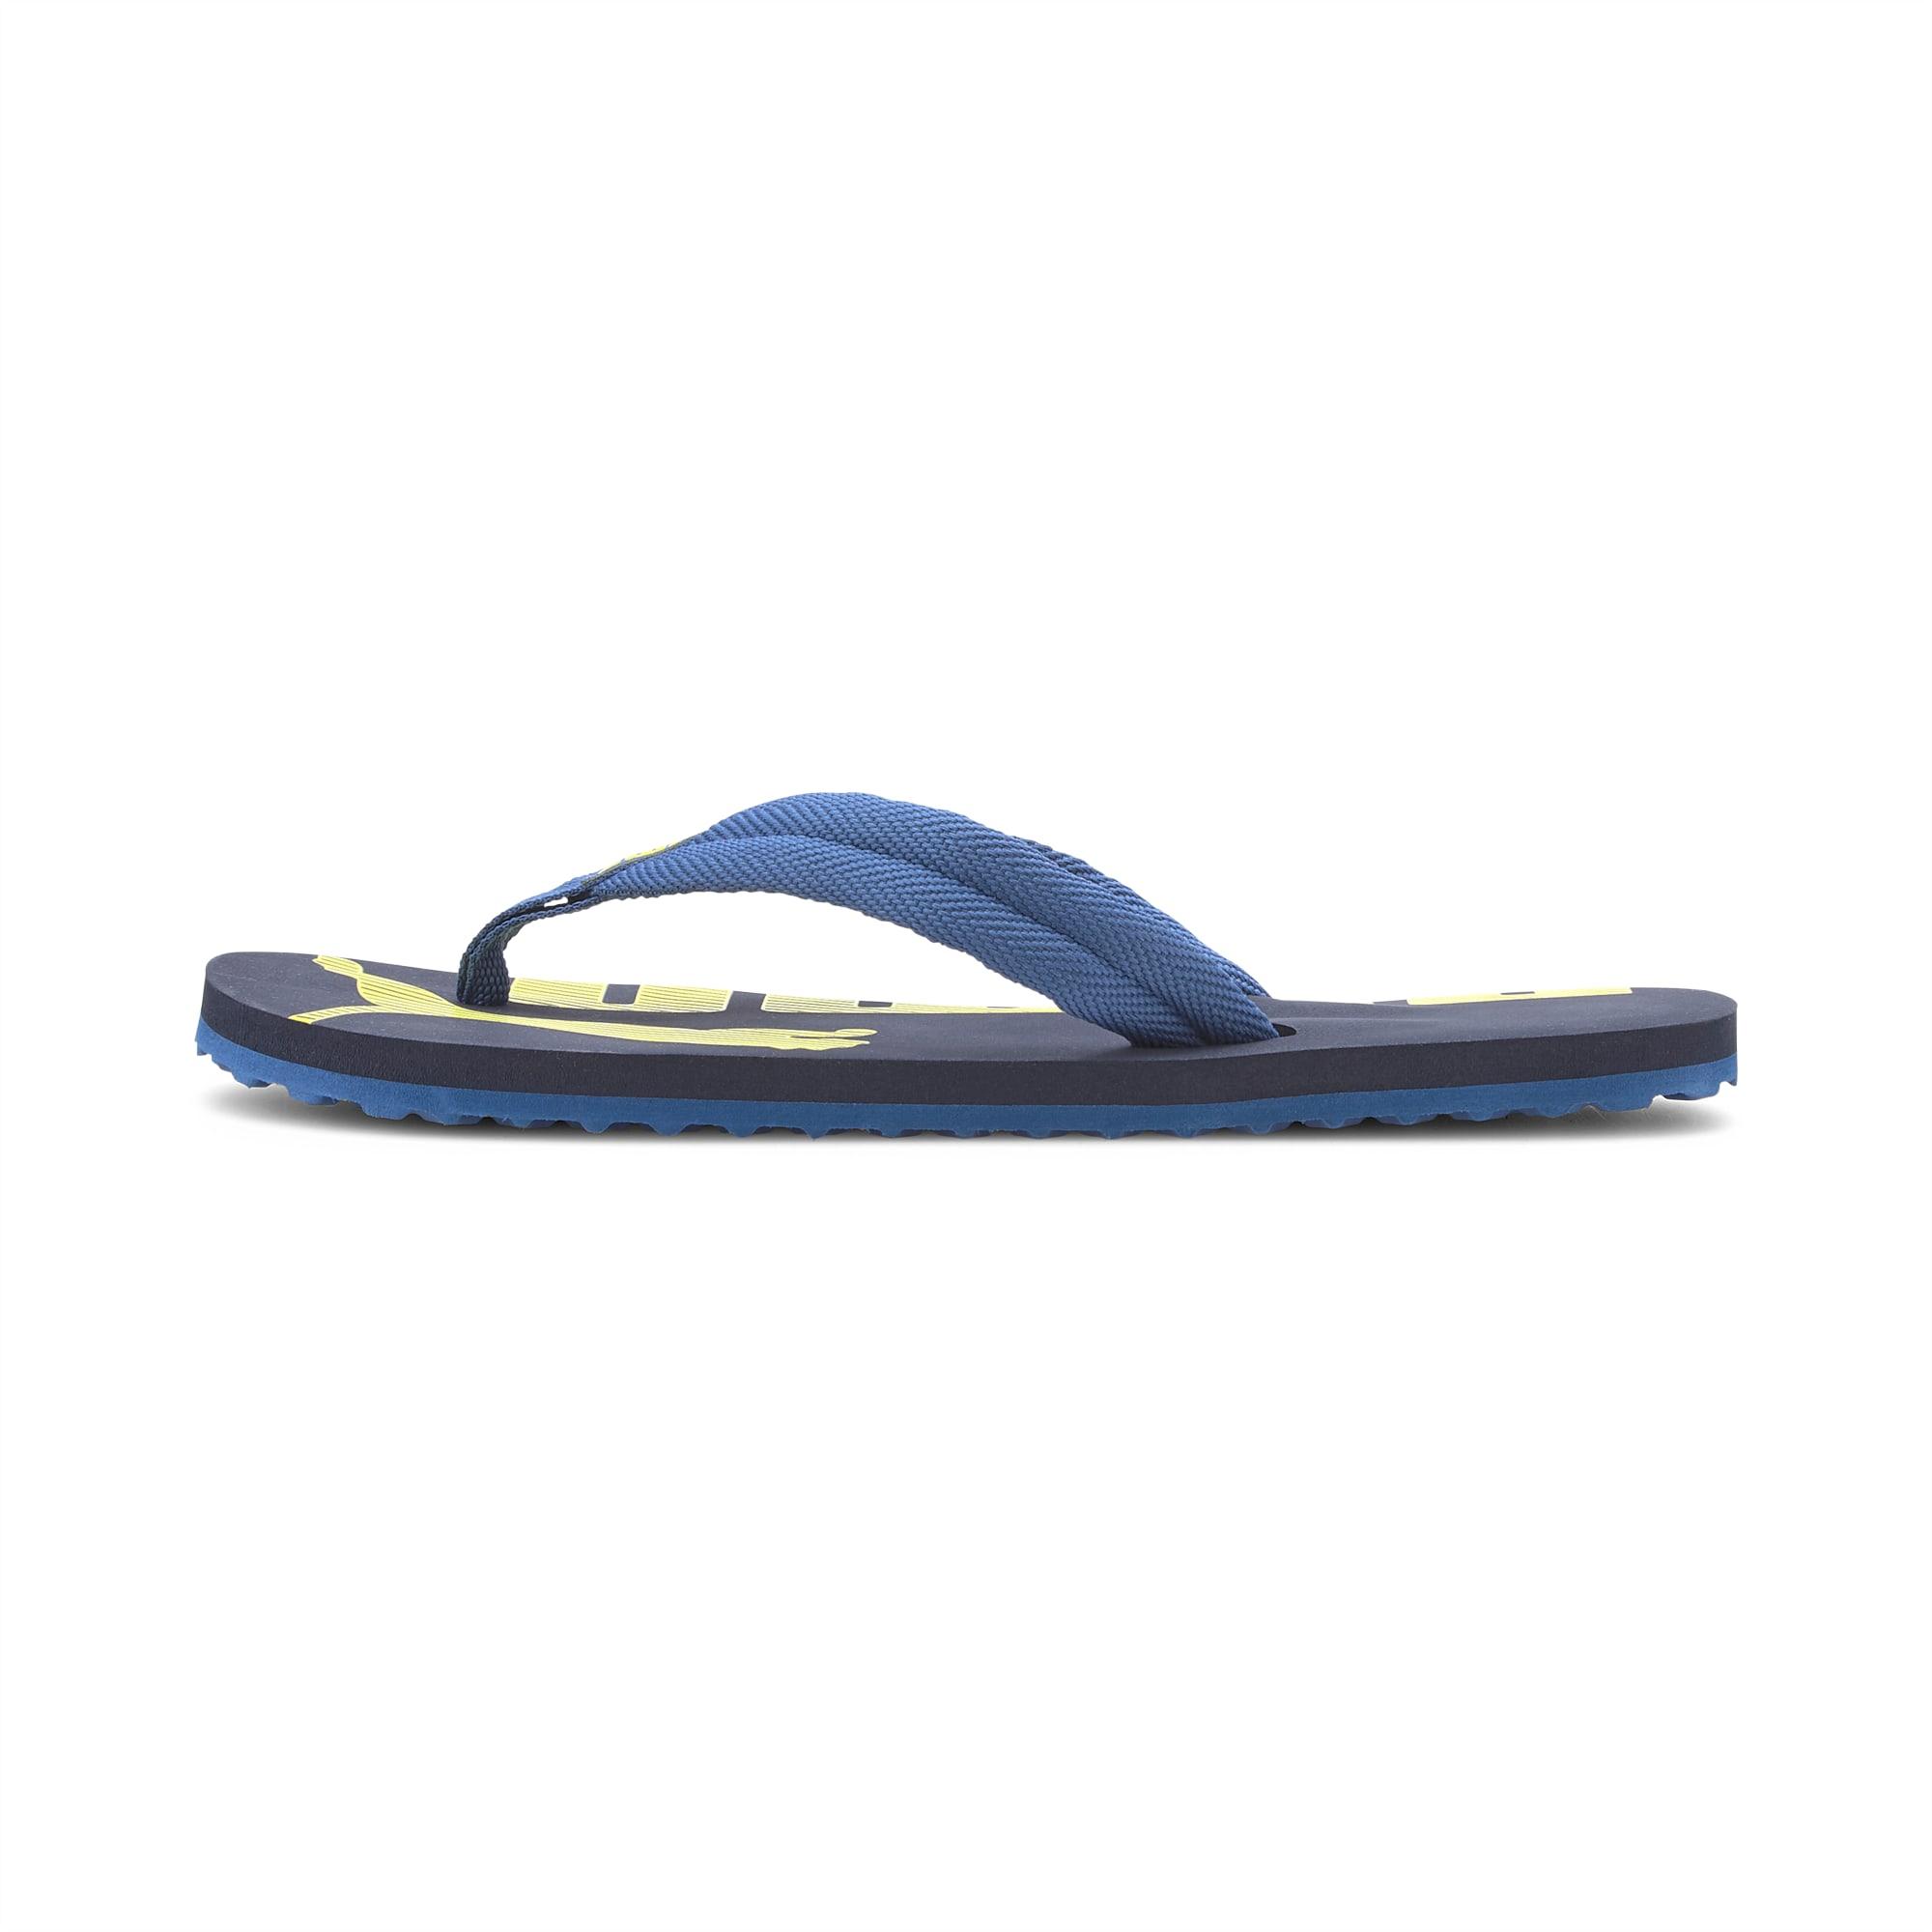 PUMA Tong Epic Flip v2 pour enfant, Bleu, Taille 38, Chaussures